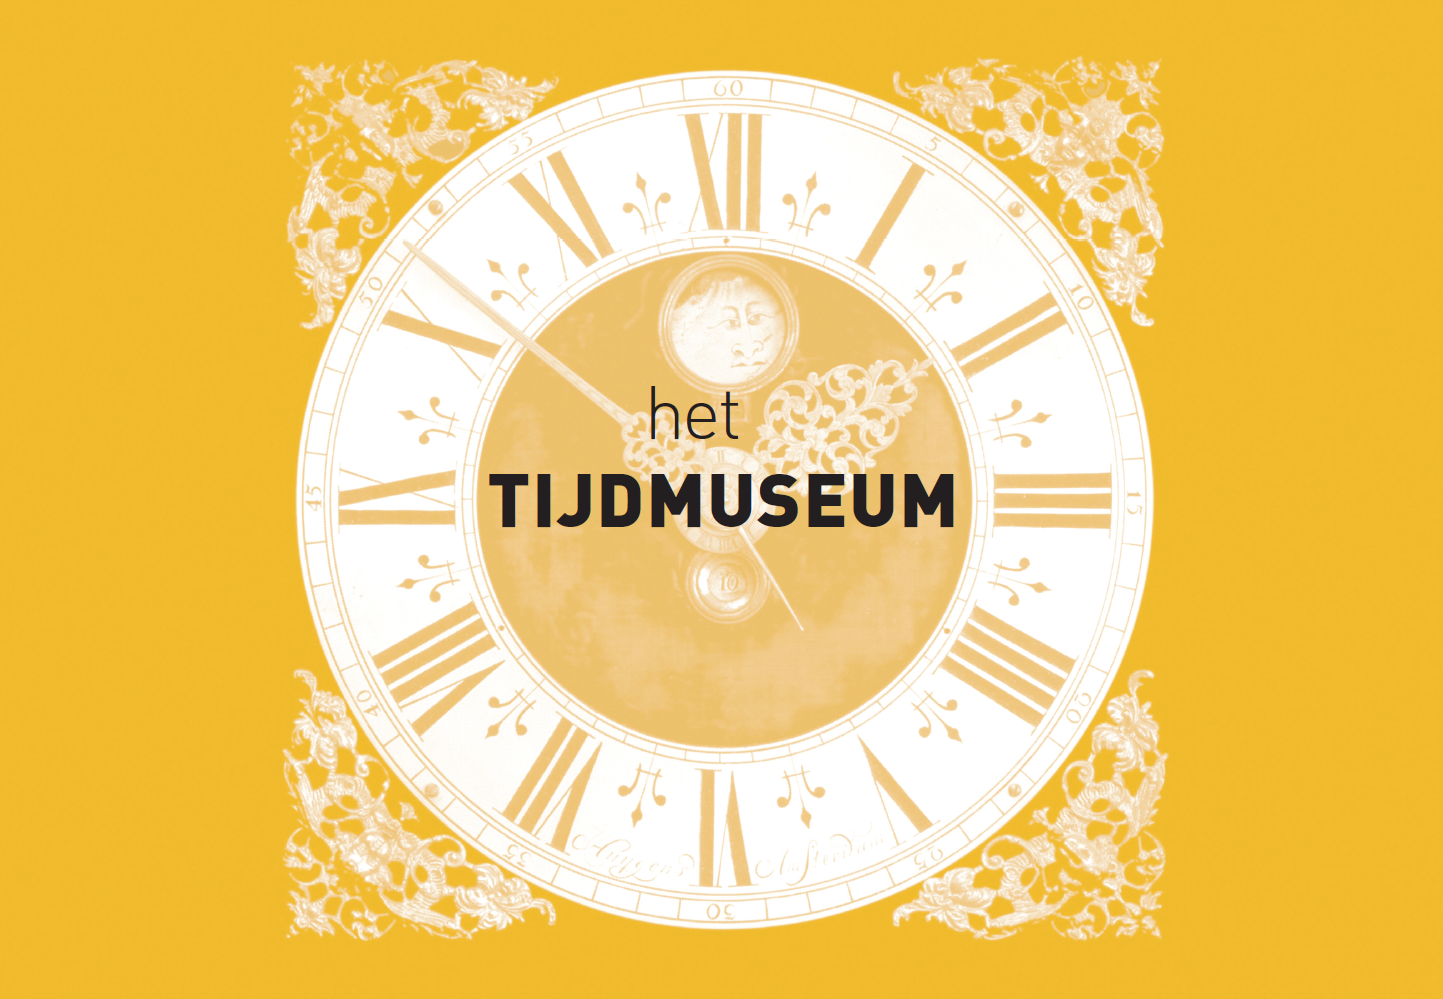 Tijdmuseum kaft